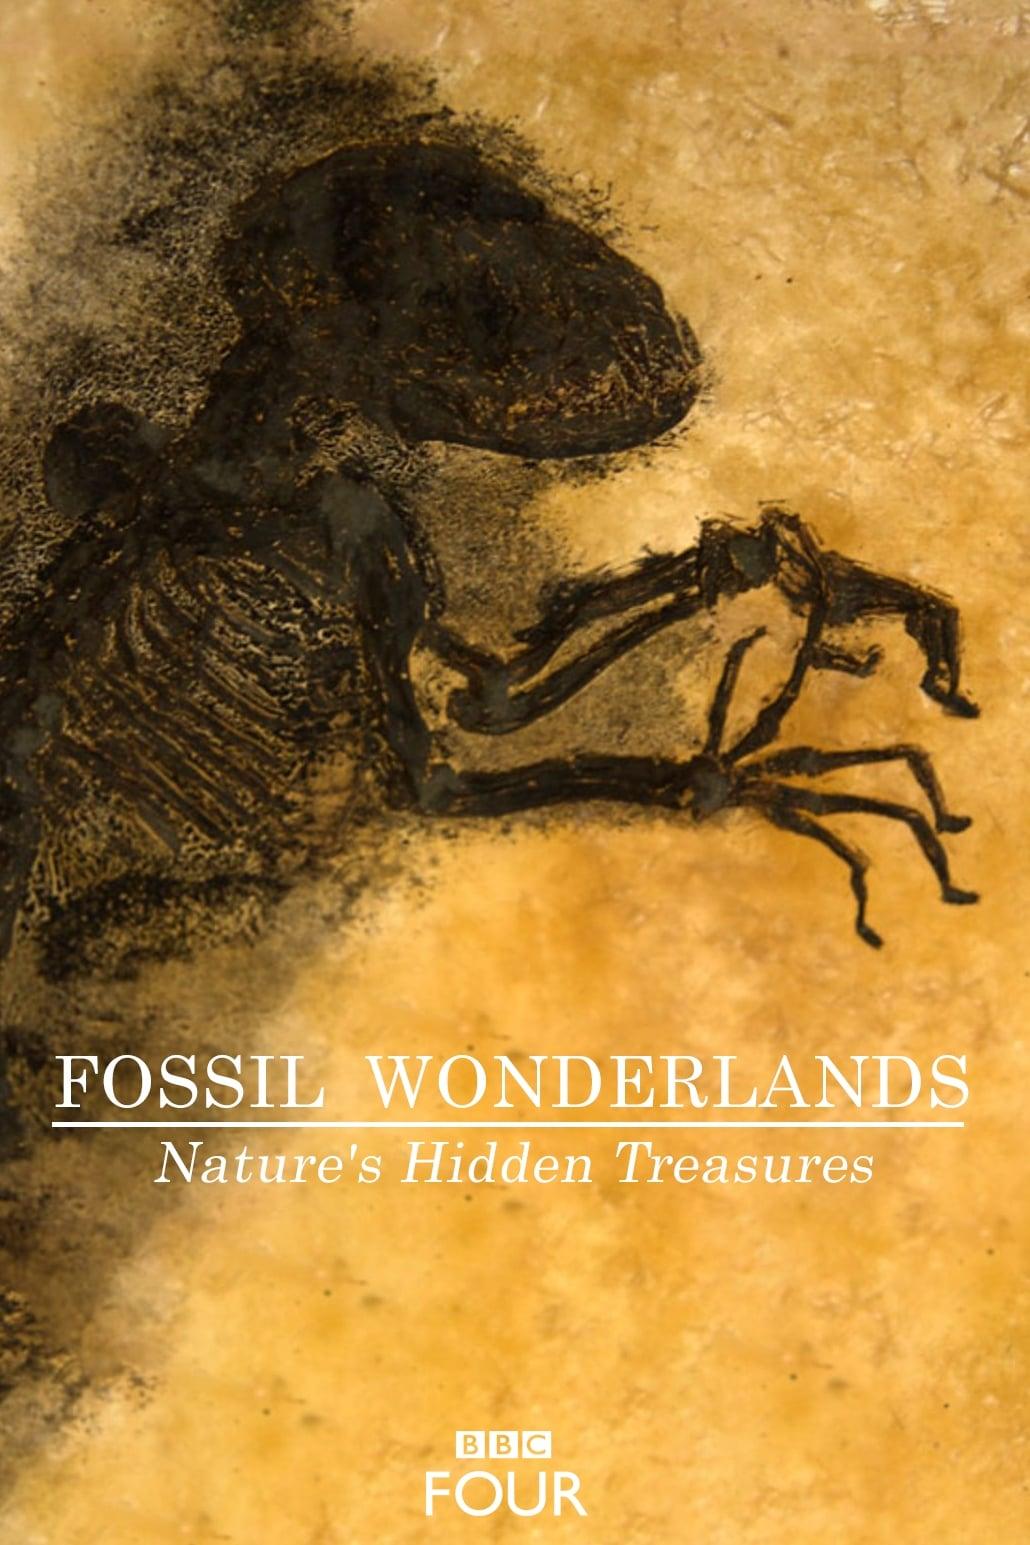 Fossil Wonderlands: Nature's Hidden Treasures